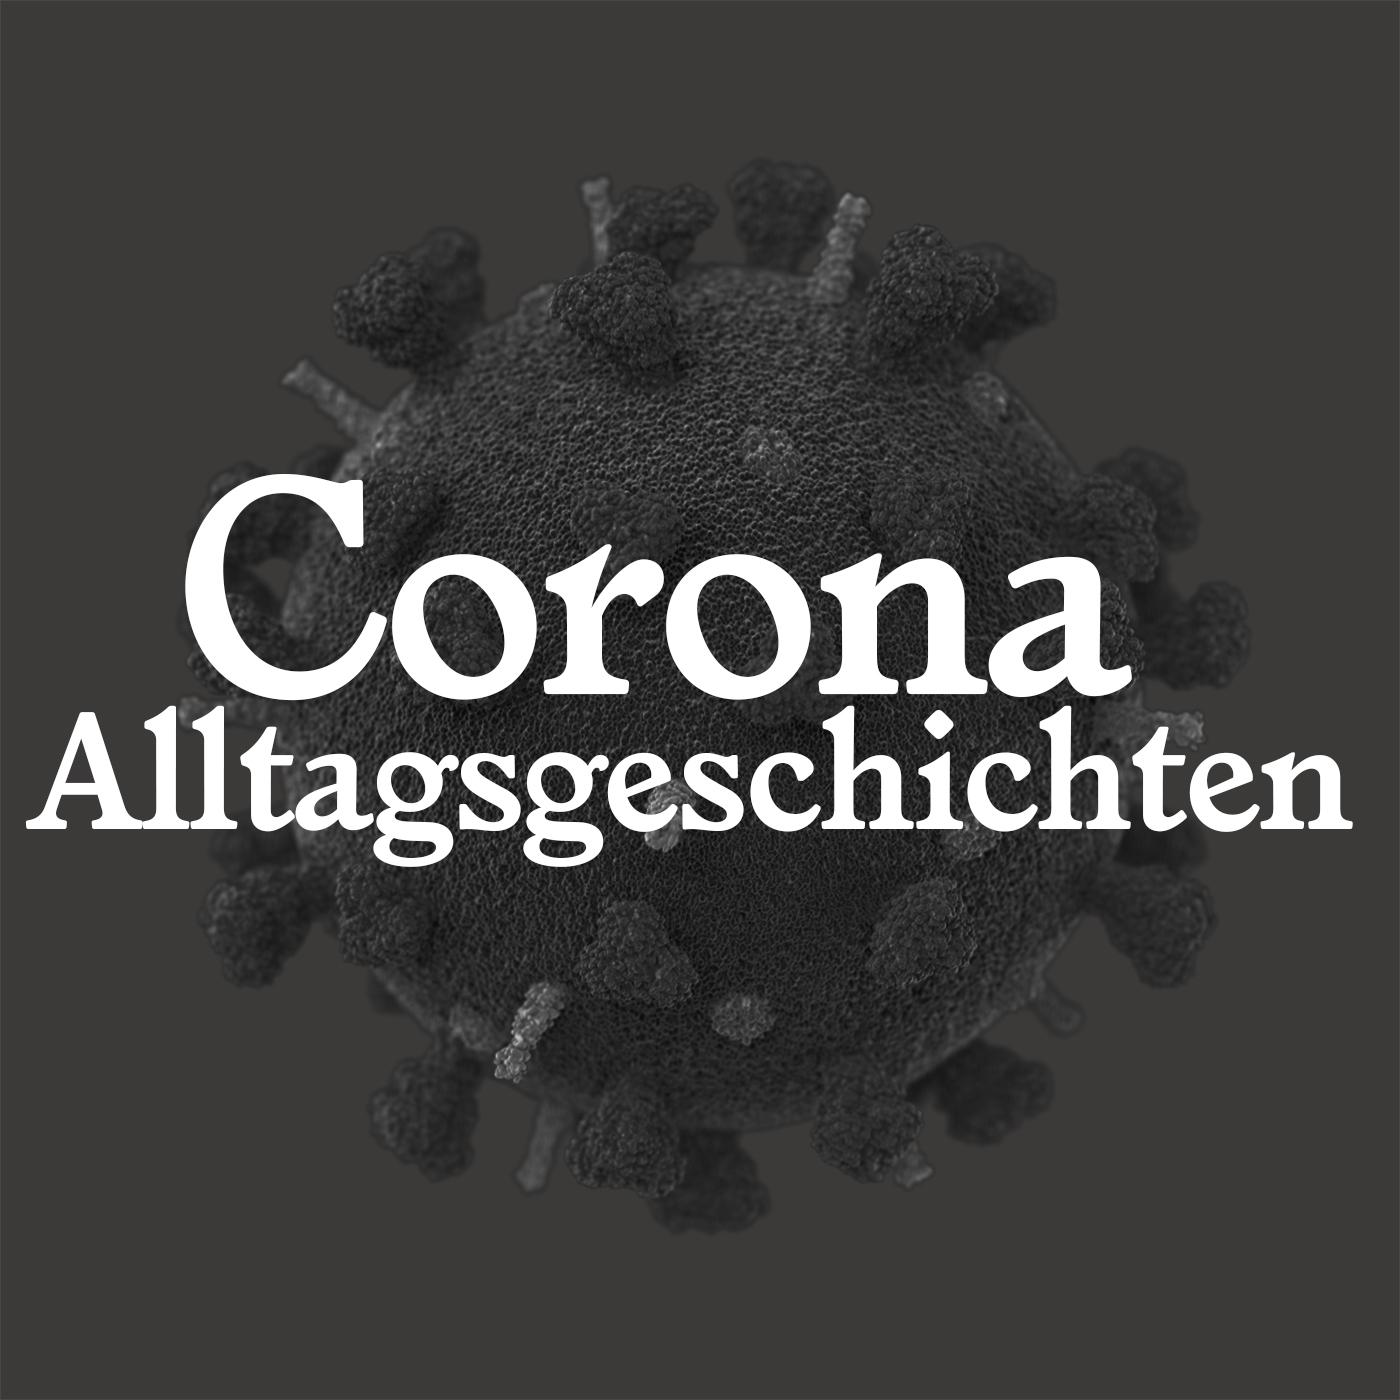 """""""Der Mensch, der das Virus gebracht hat, gehört auf's Kreuz genagelt"""" – Corona-Alltagsgeschichten"""